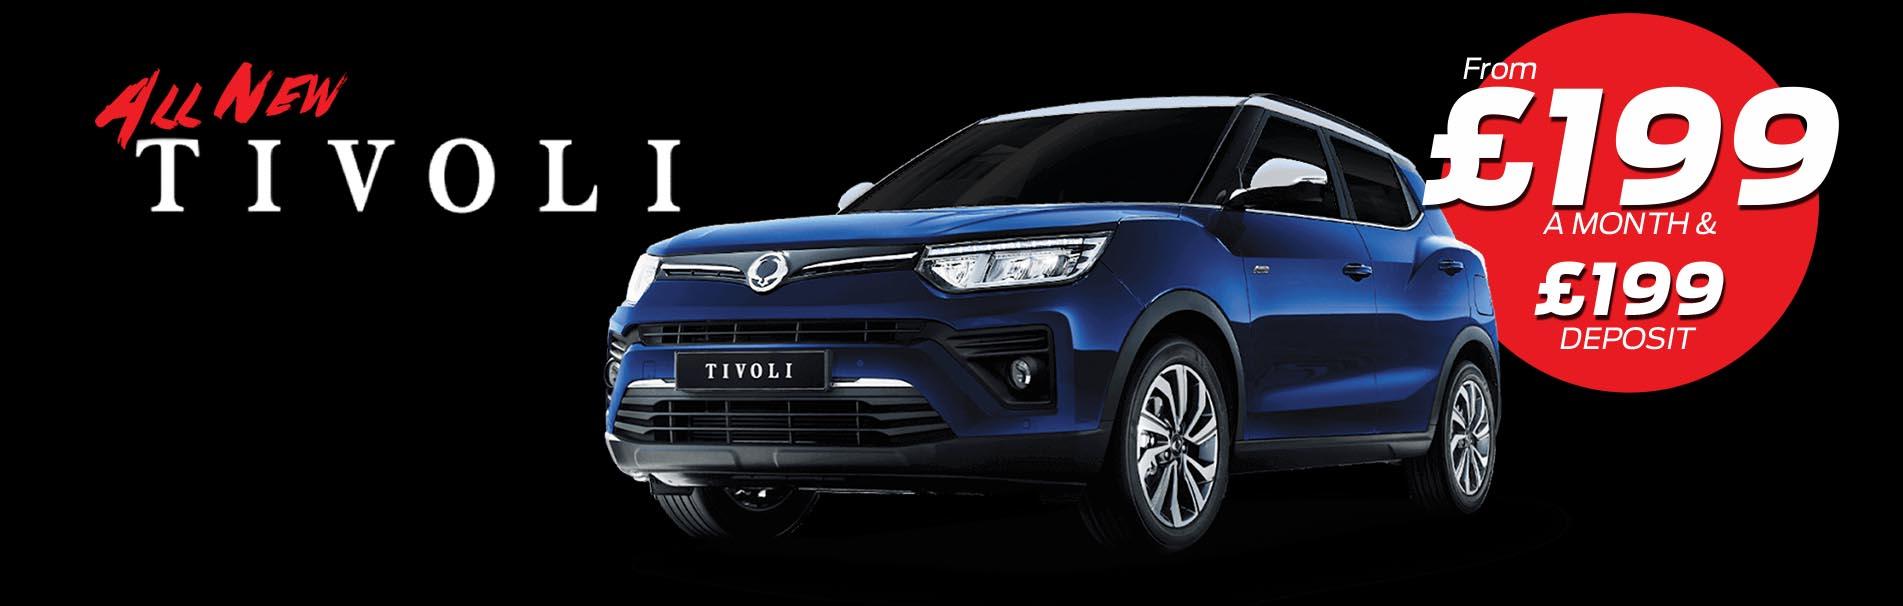 all-new-tivoli-199-a-month-car-finance-sli